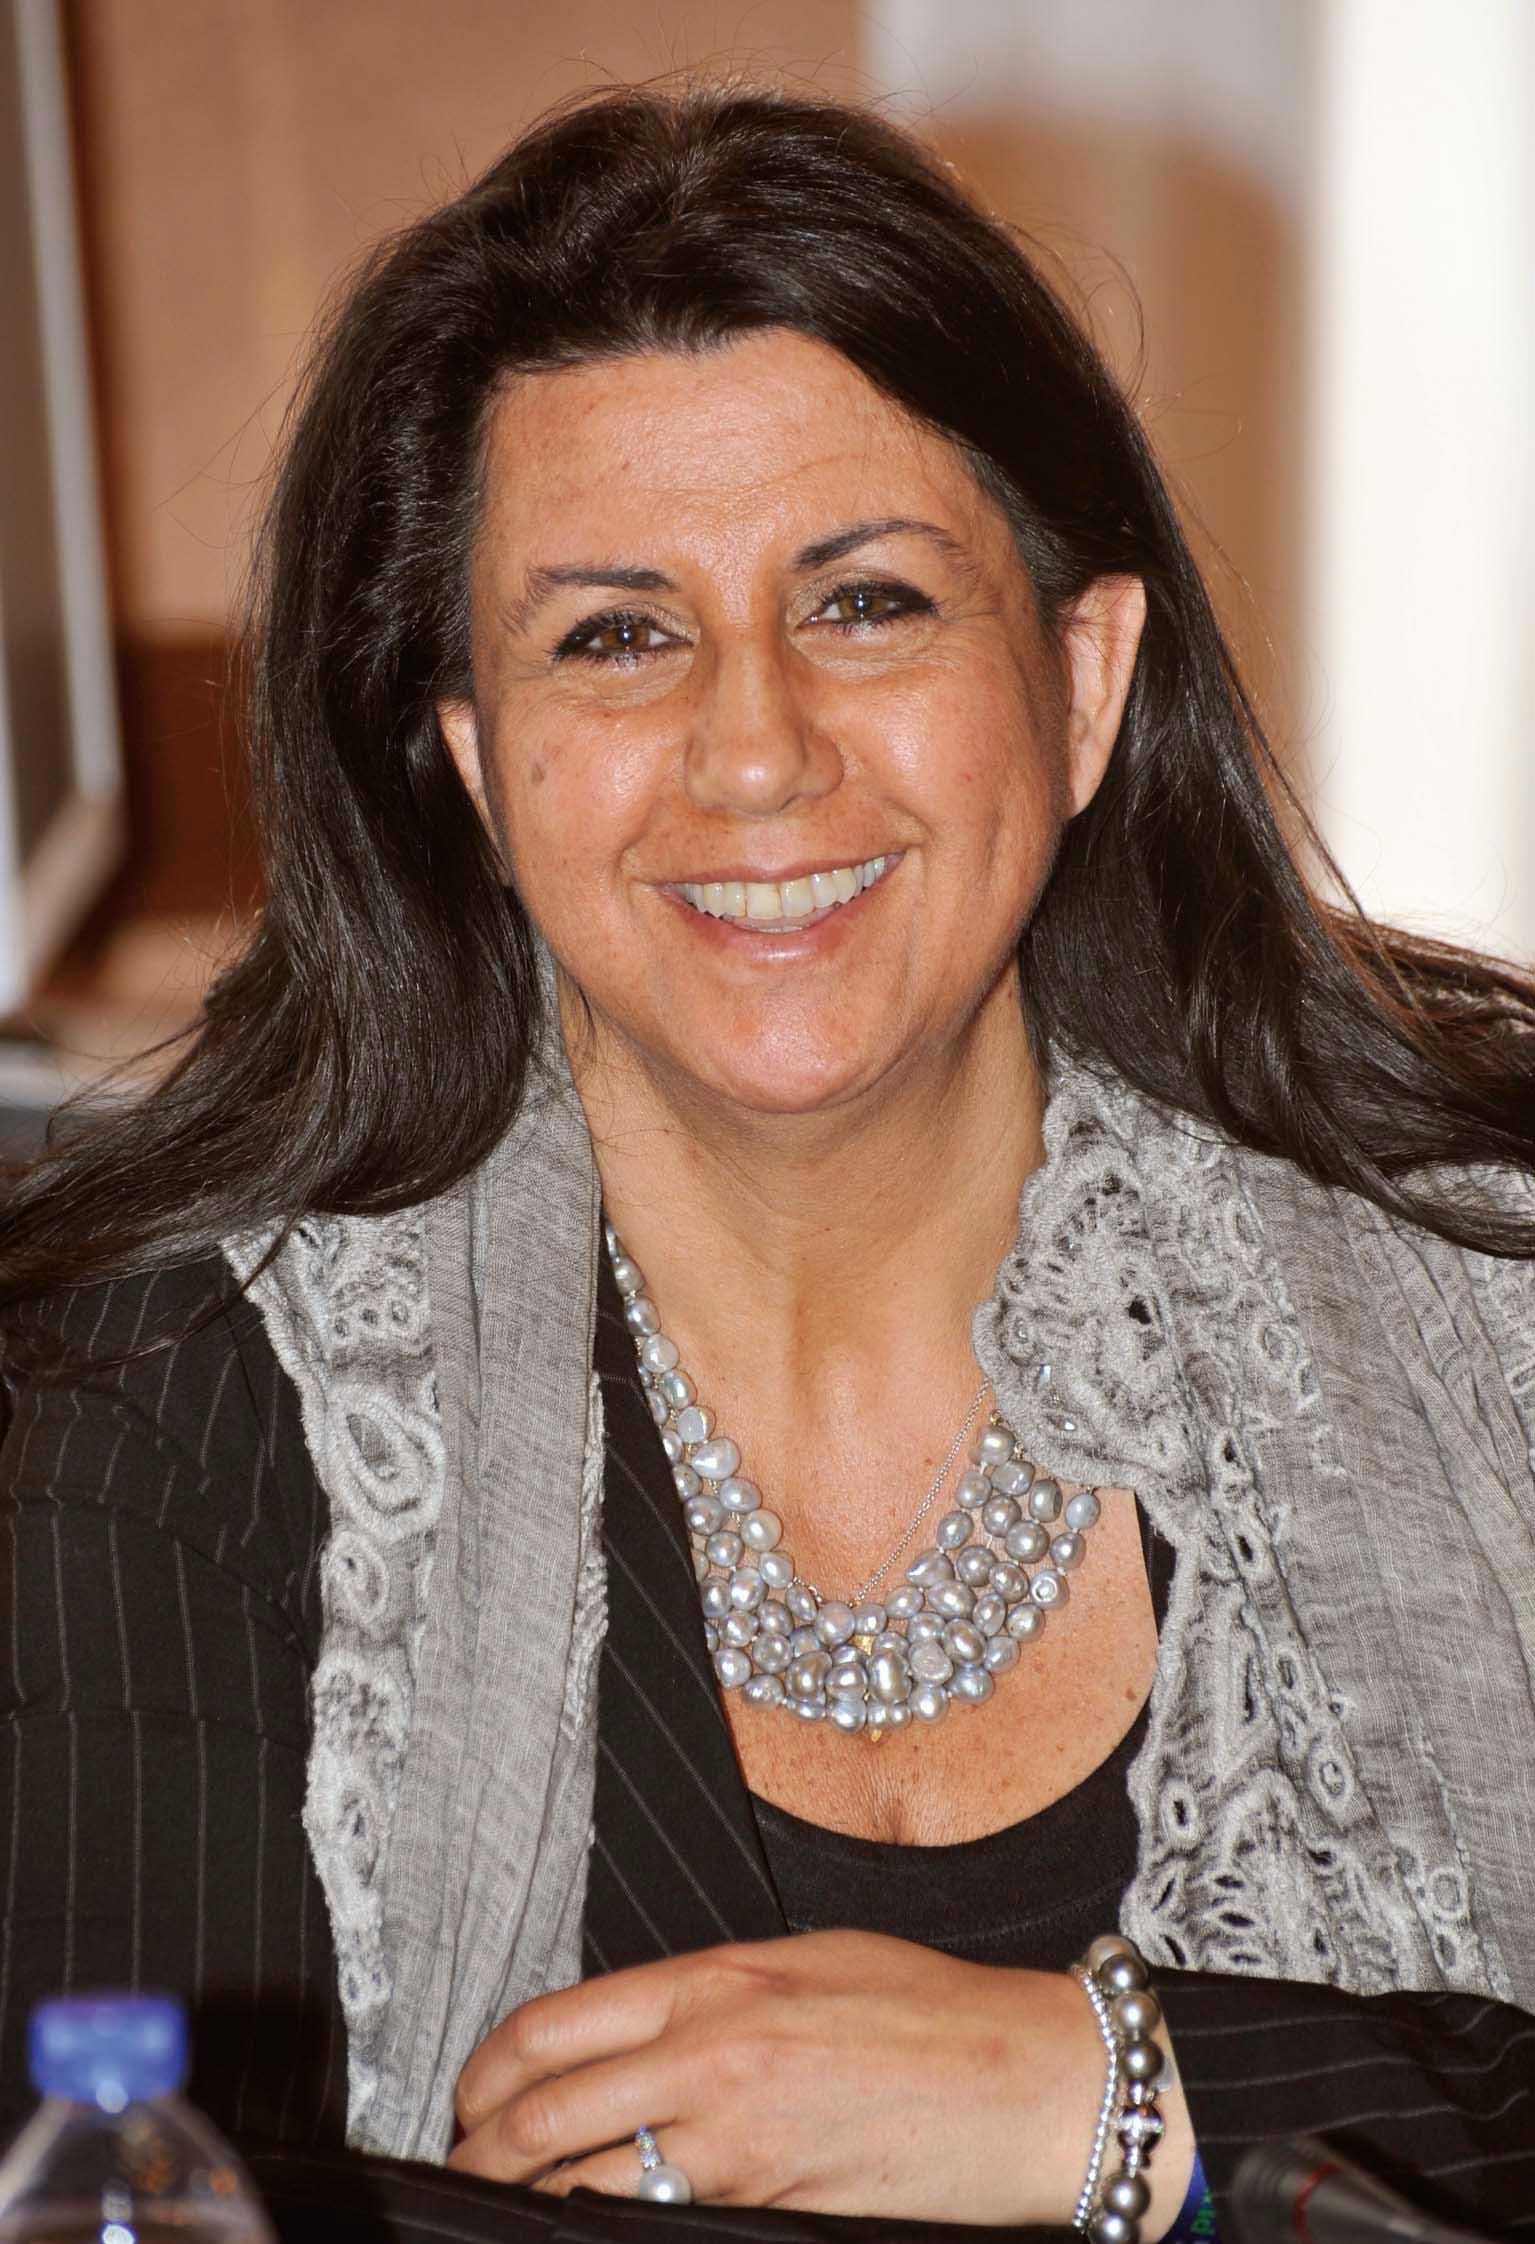 Marialuisa Coppola